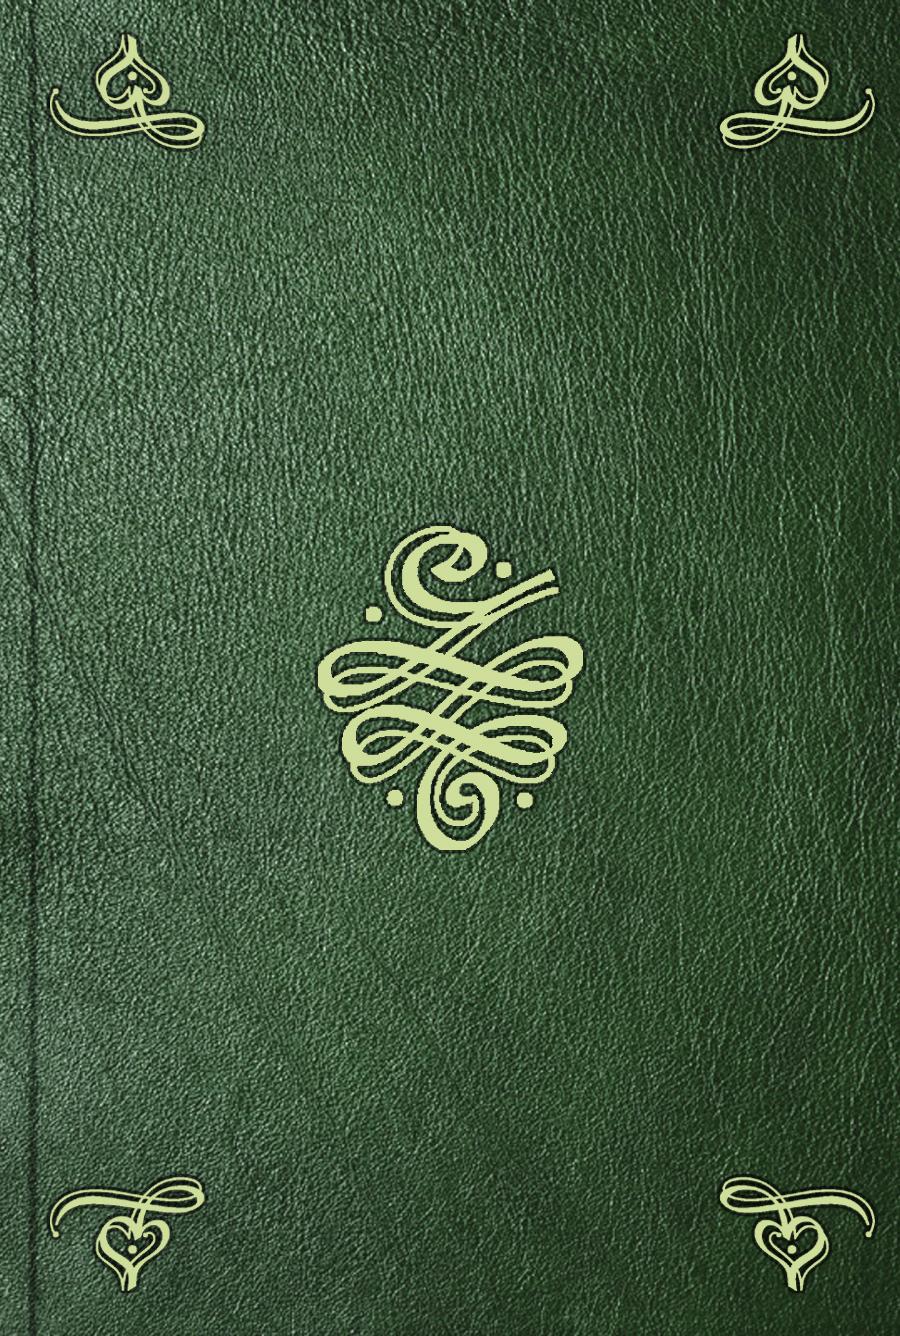 Charles Bonnet Oeuvres d'histoire naturelle et de philosophie. T. 8 charles bonnet oeuvres d histoire naturelle et de philosophie t 16